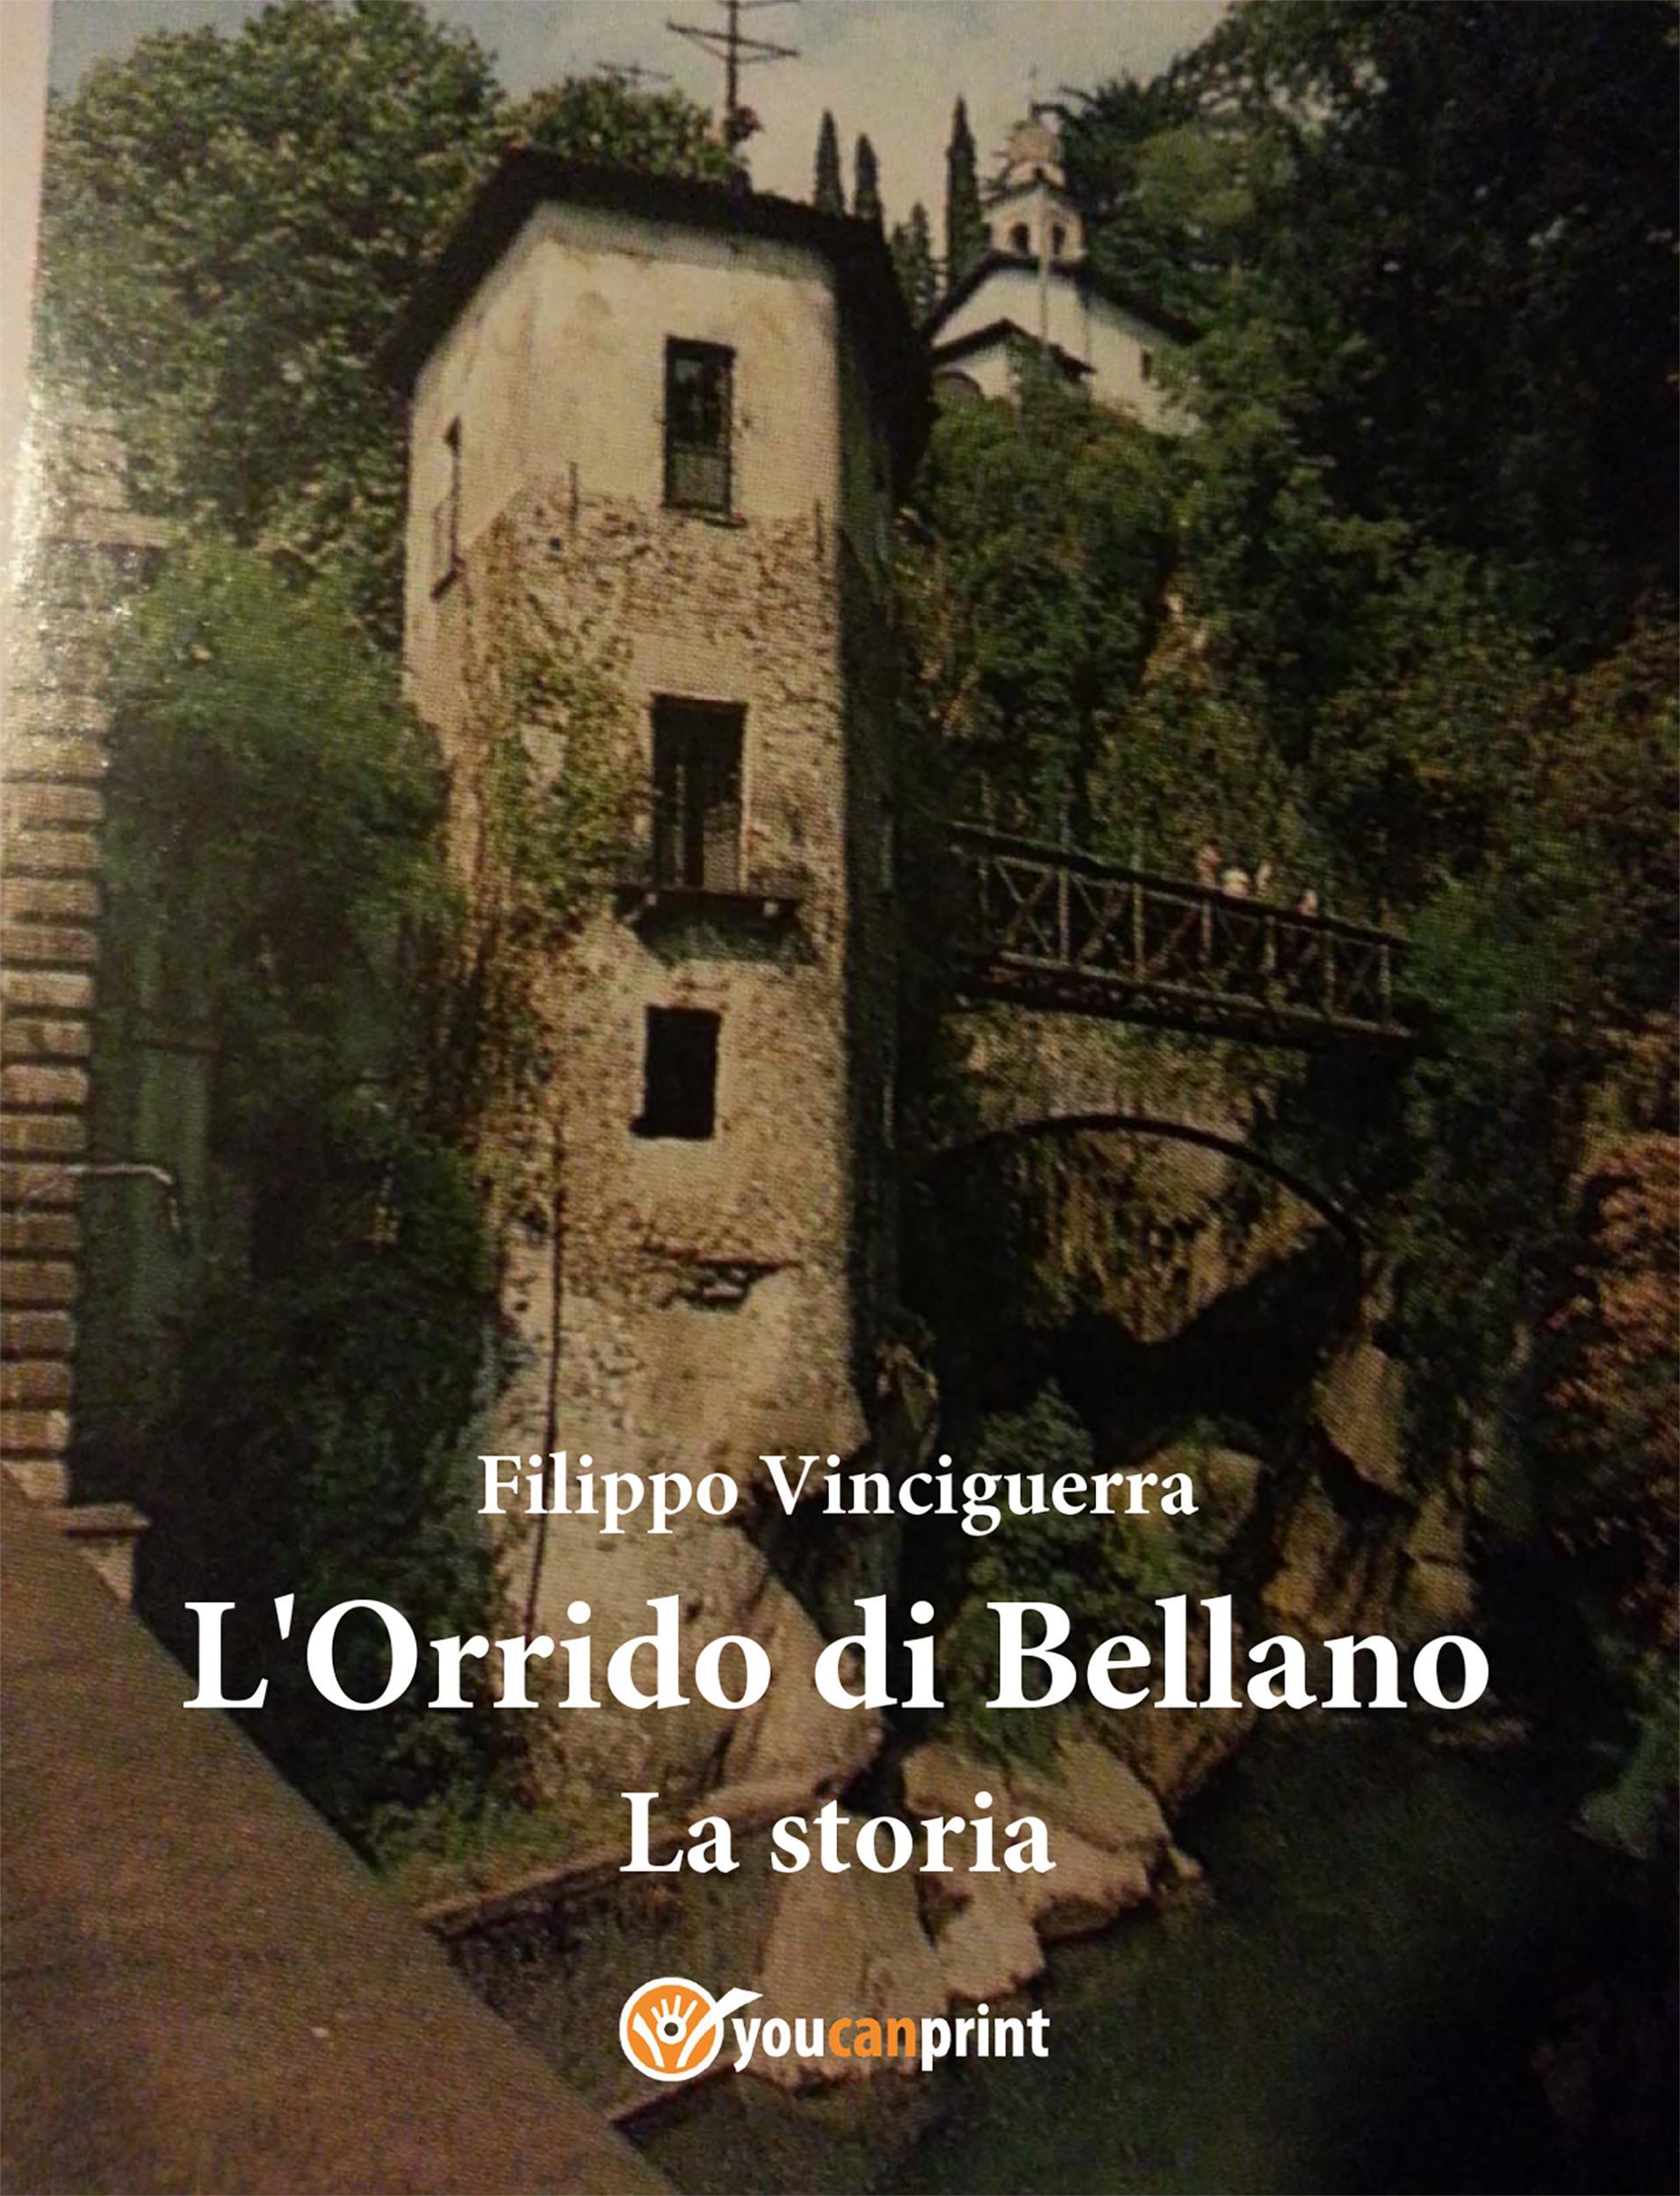 L'Orrido di Bellano - La storia